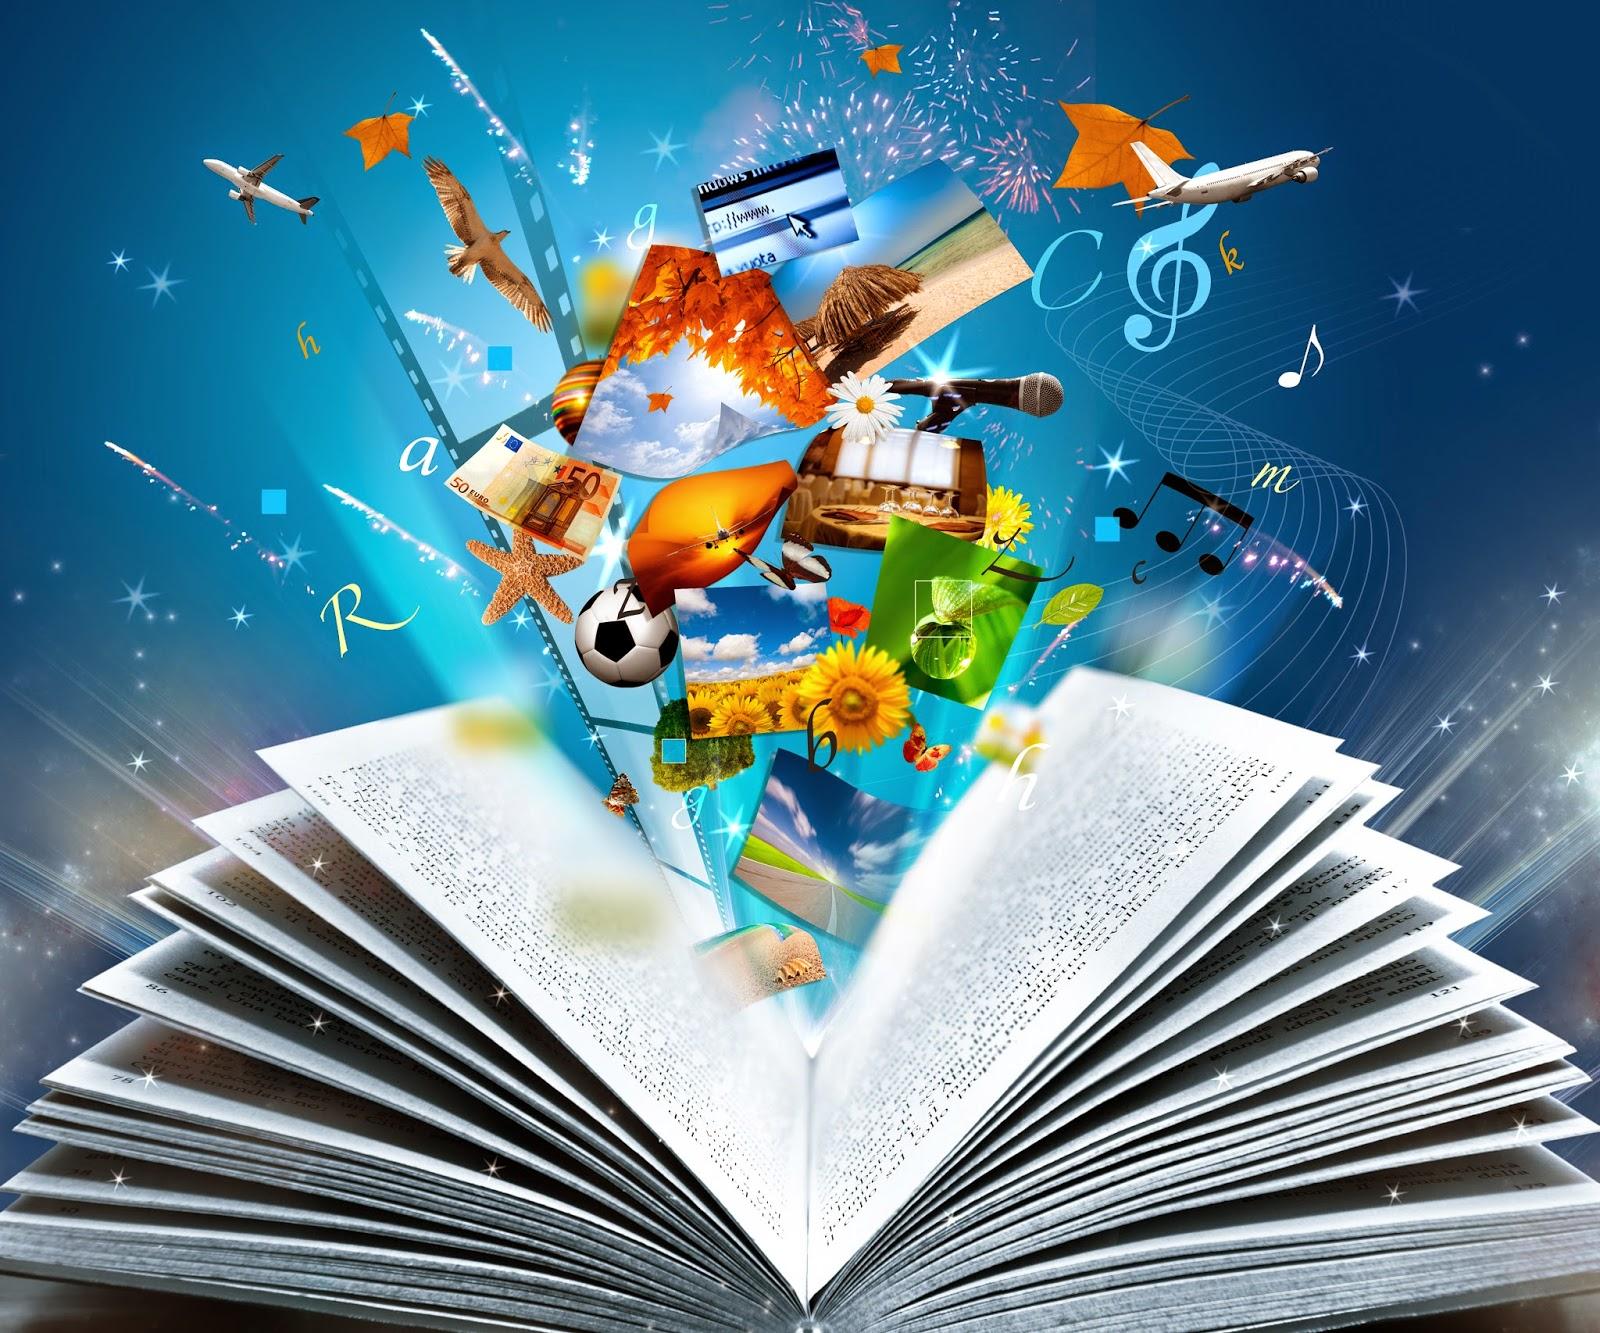 ecco come insegnare a tu@ figli@ ad amare la lettura Ecco come insegnare a tu@ figli@ ad amare la lettura alphaspirit fotolia libro2